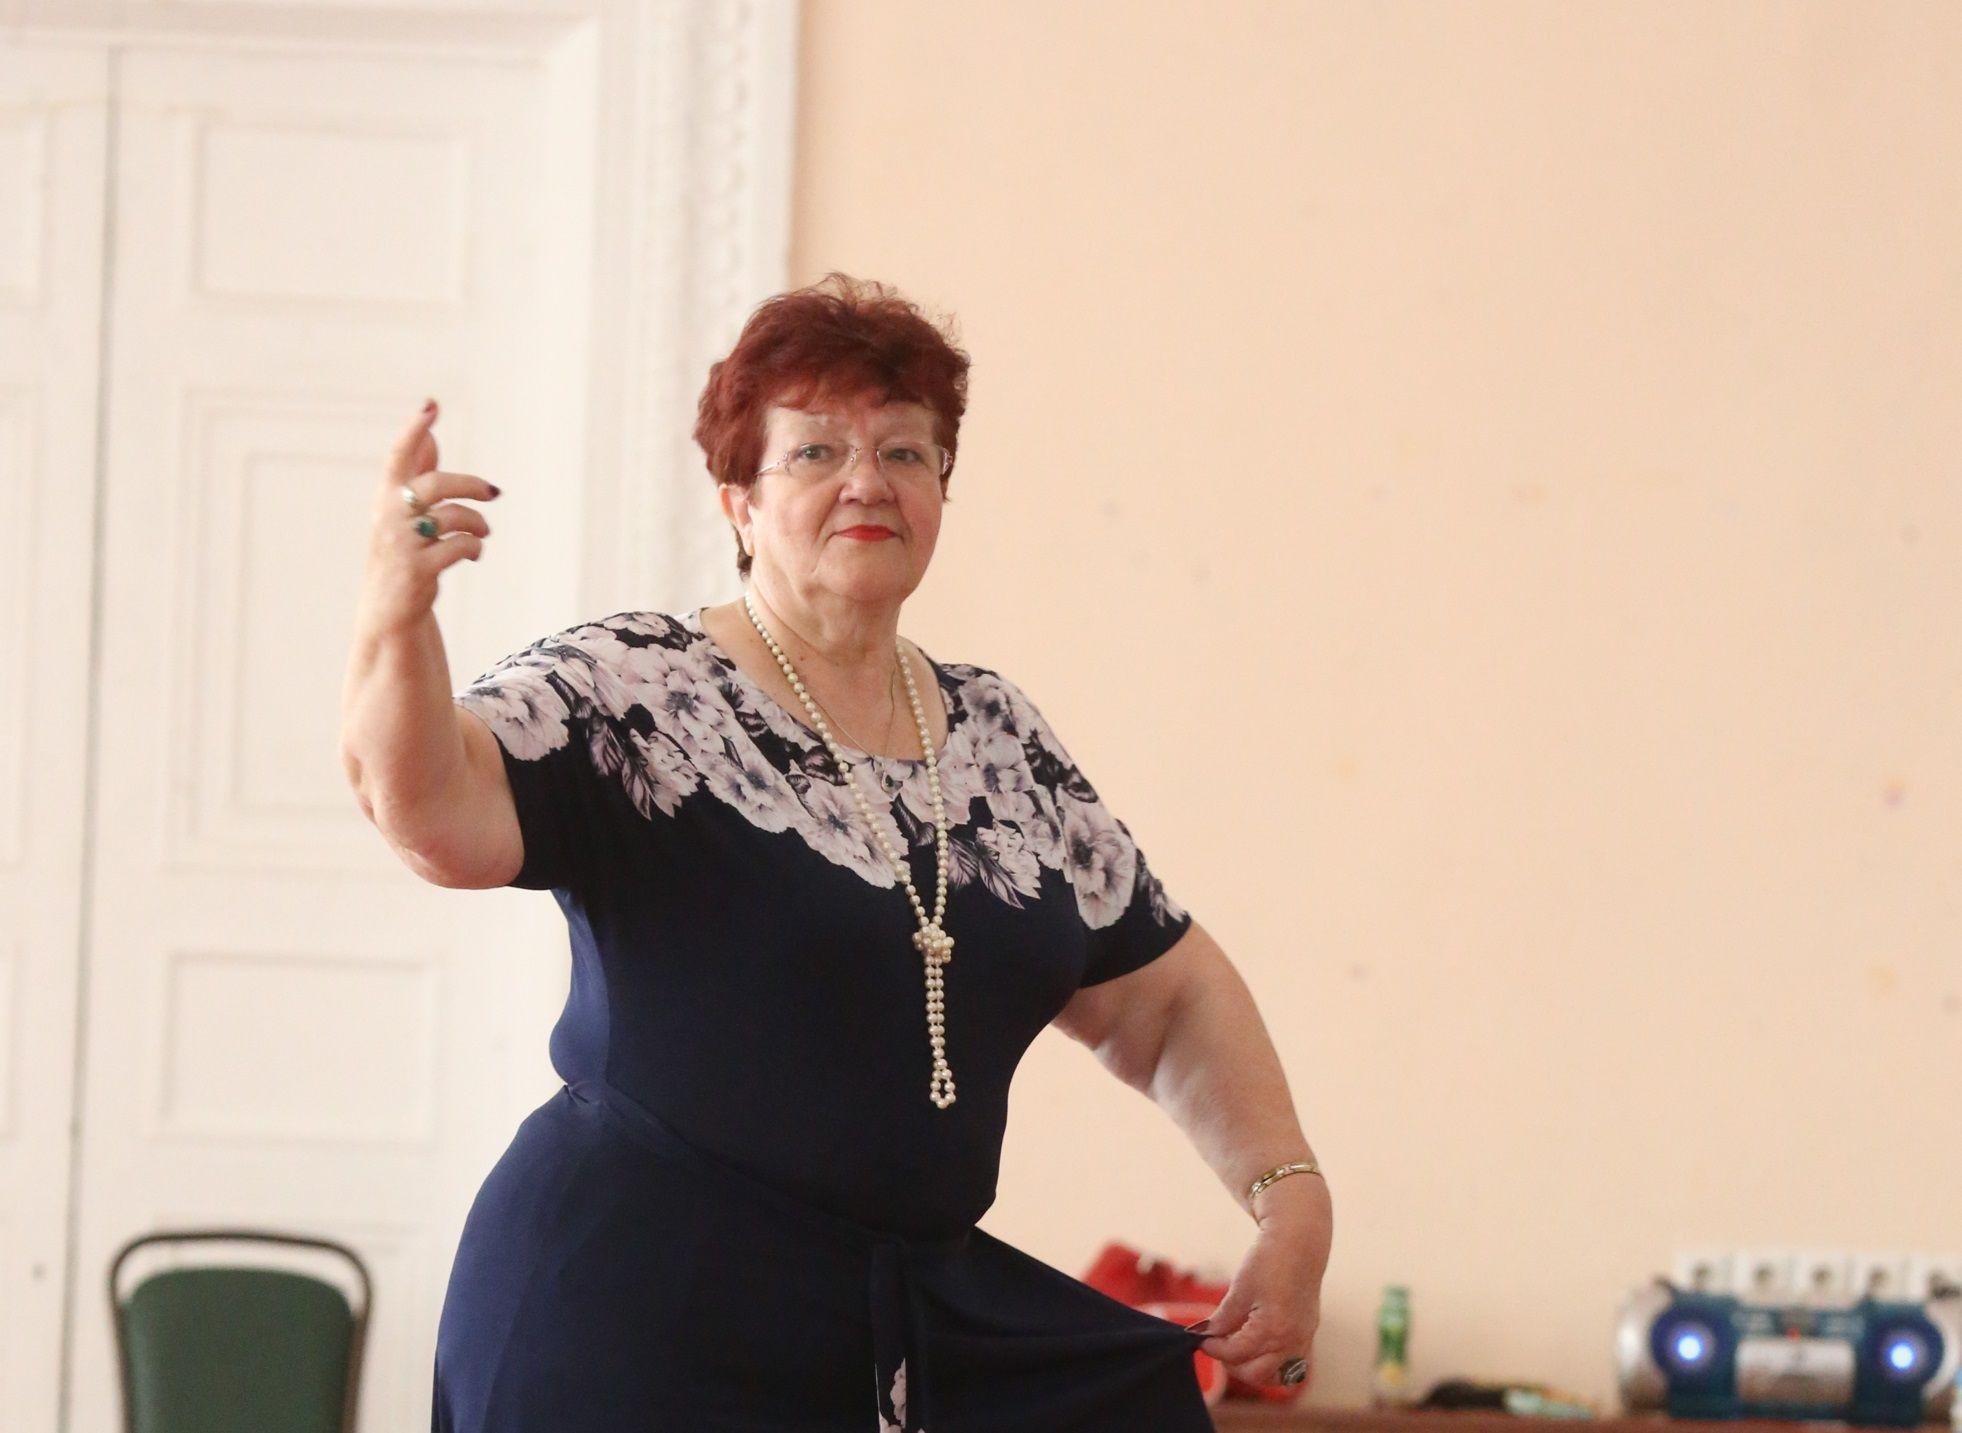 Наталья Болотова осваивает актерское мастерство в театральной студии Дворца культуры городского округа Щербинка. Фото: Виктор Хабаров